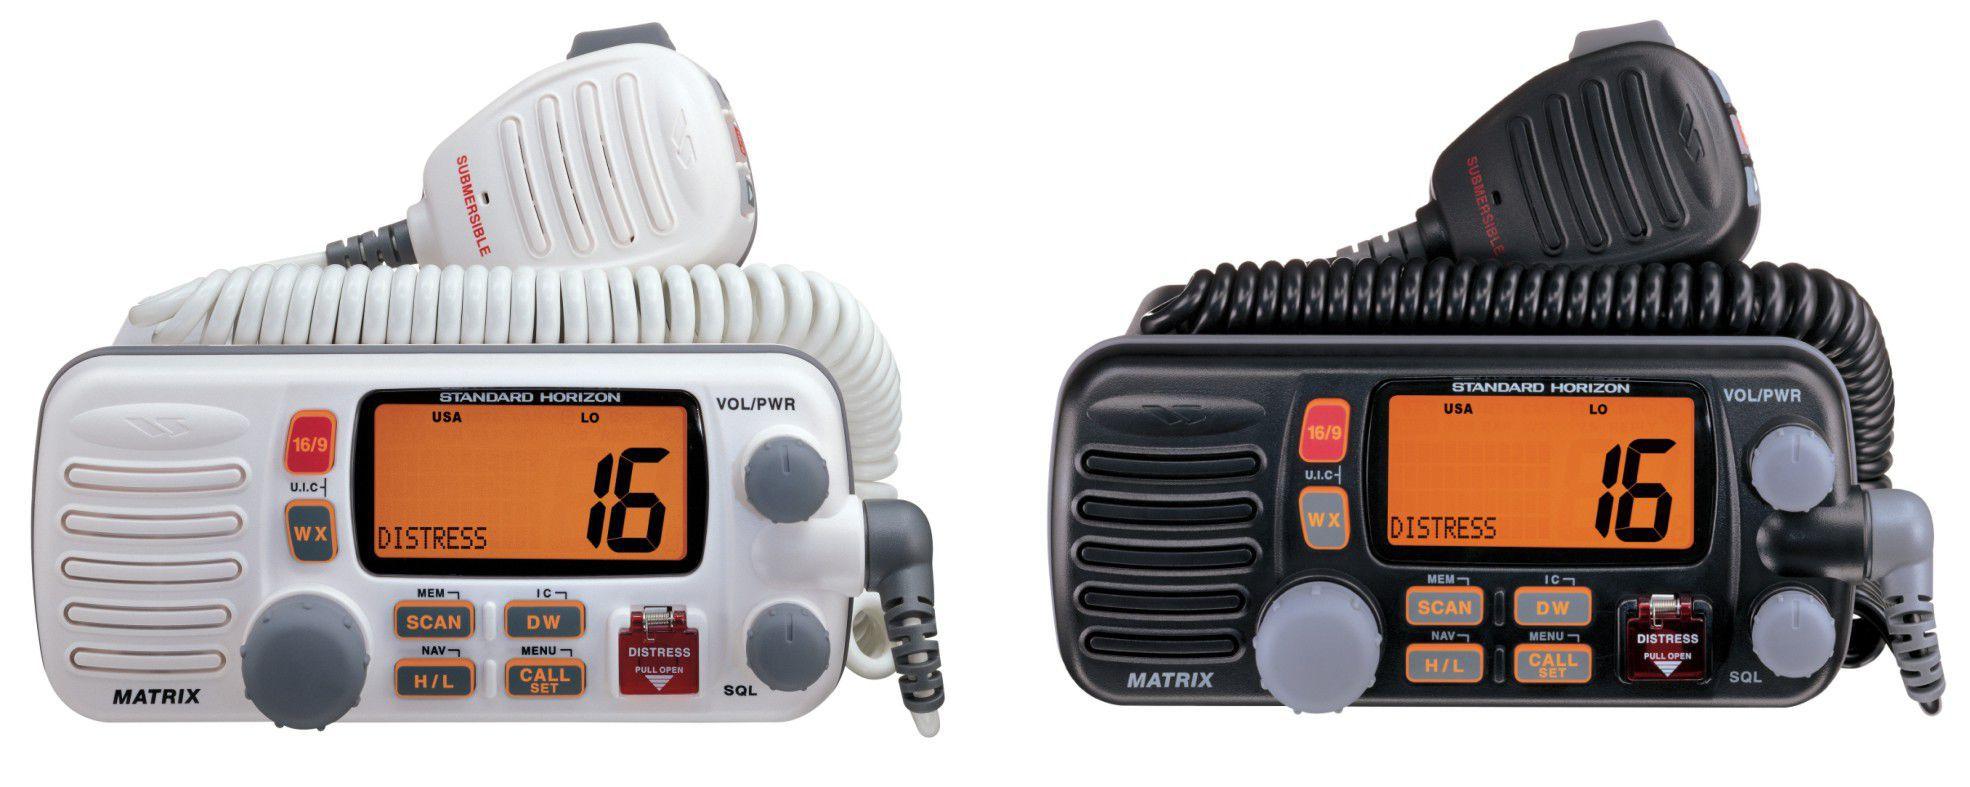 21532 10792655 ship radio fixed vhf submersible matrix gx1280s standard  at soozxer.org